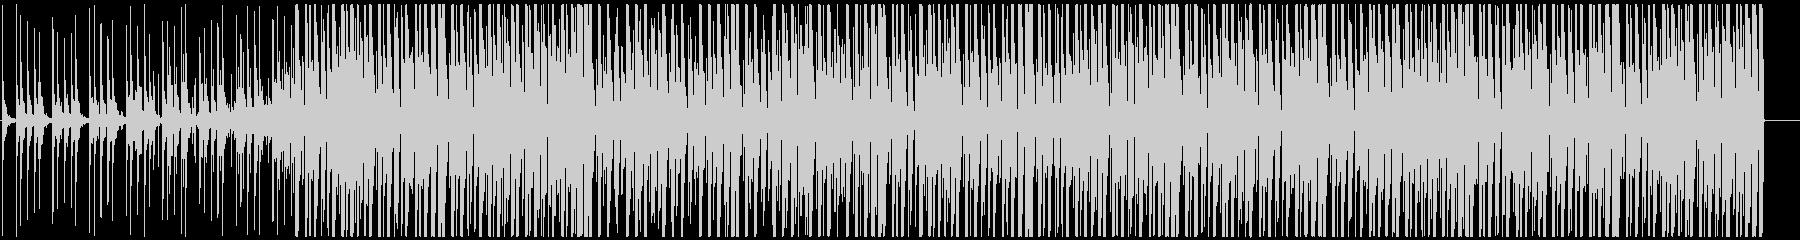 明るいアフロビート トロピカルハウスの未再生の波形